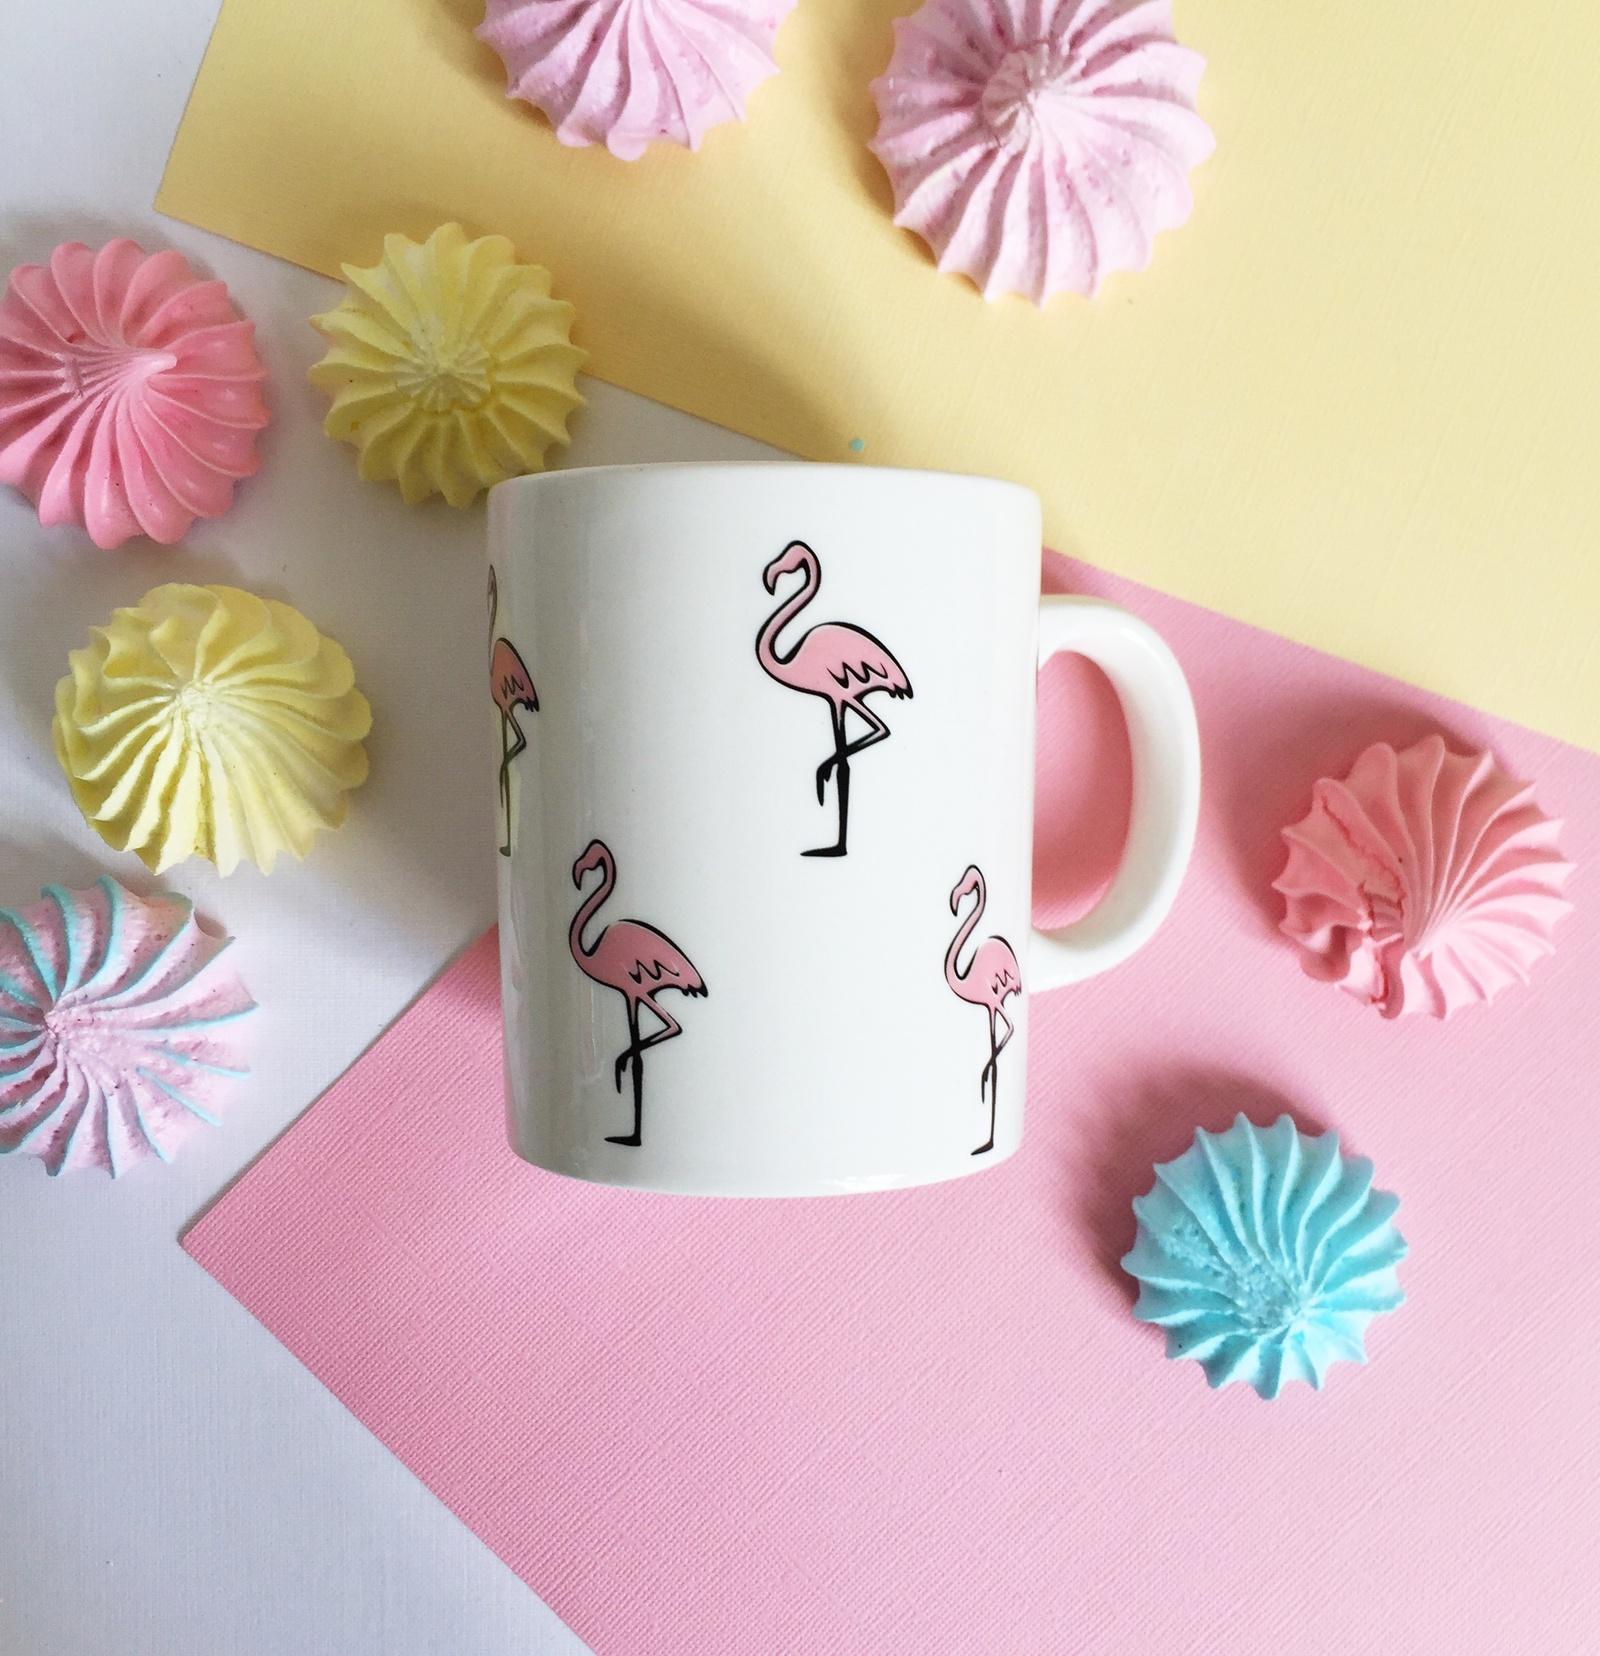 Кружка Сотвори Чудо Розовый фламинго 300 мл, белый тарелка мелкая сотвори чудо розовый фламинго диаметр 20 см